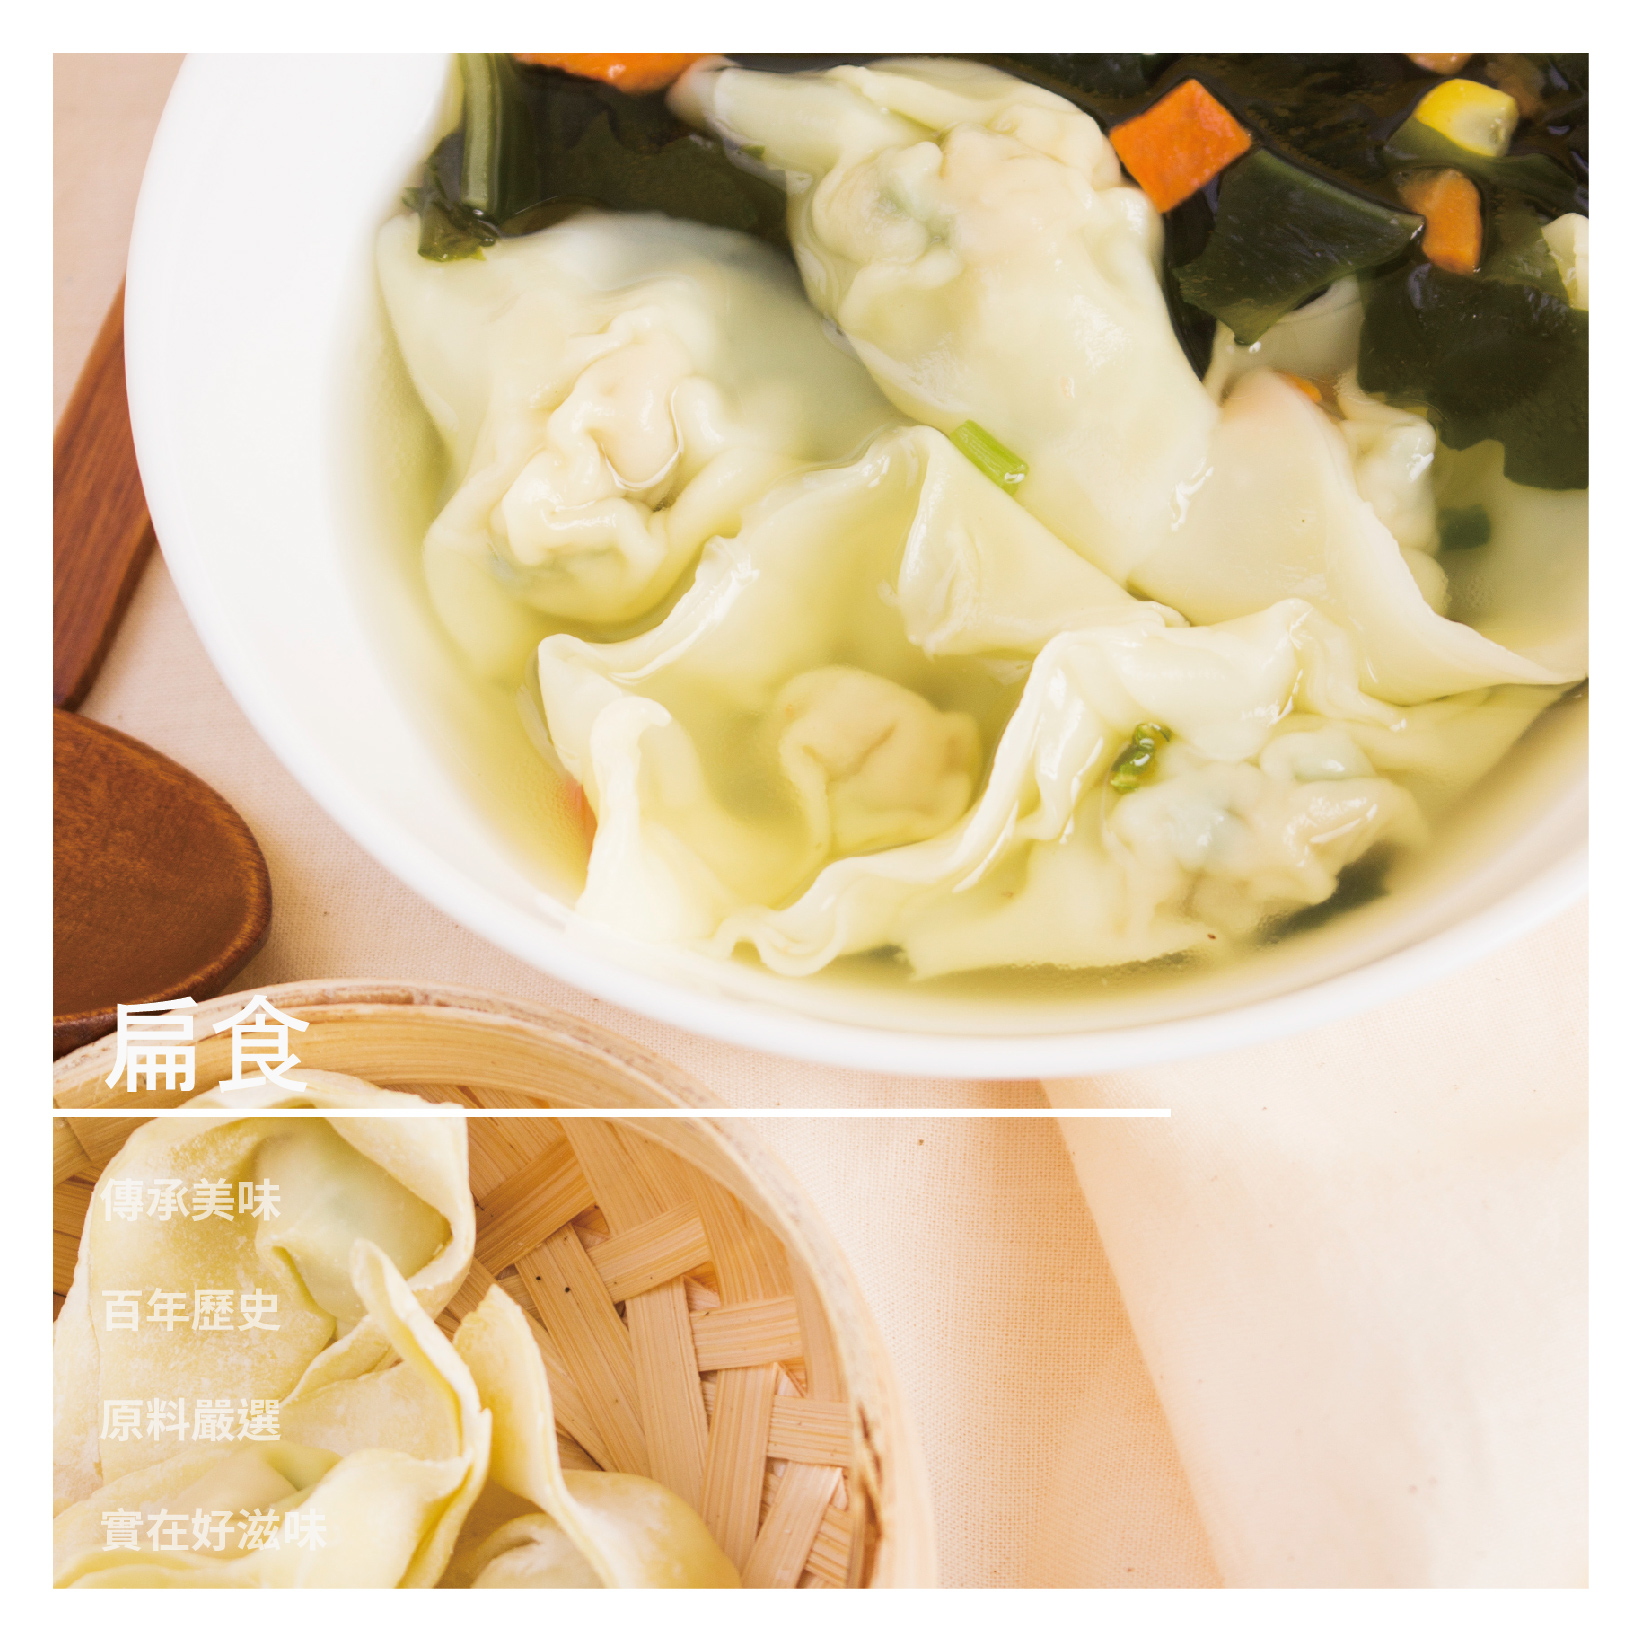 【乾家肉粽粿粽大王】扁食 50g/盒